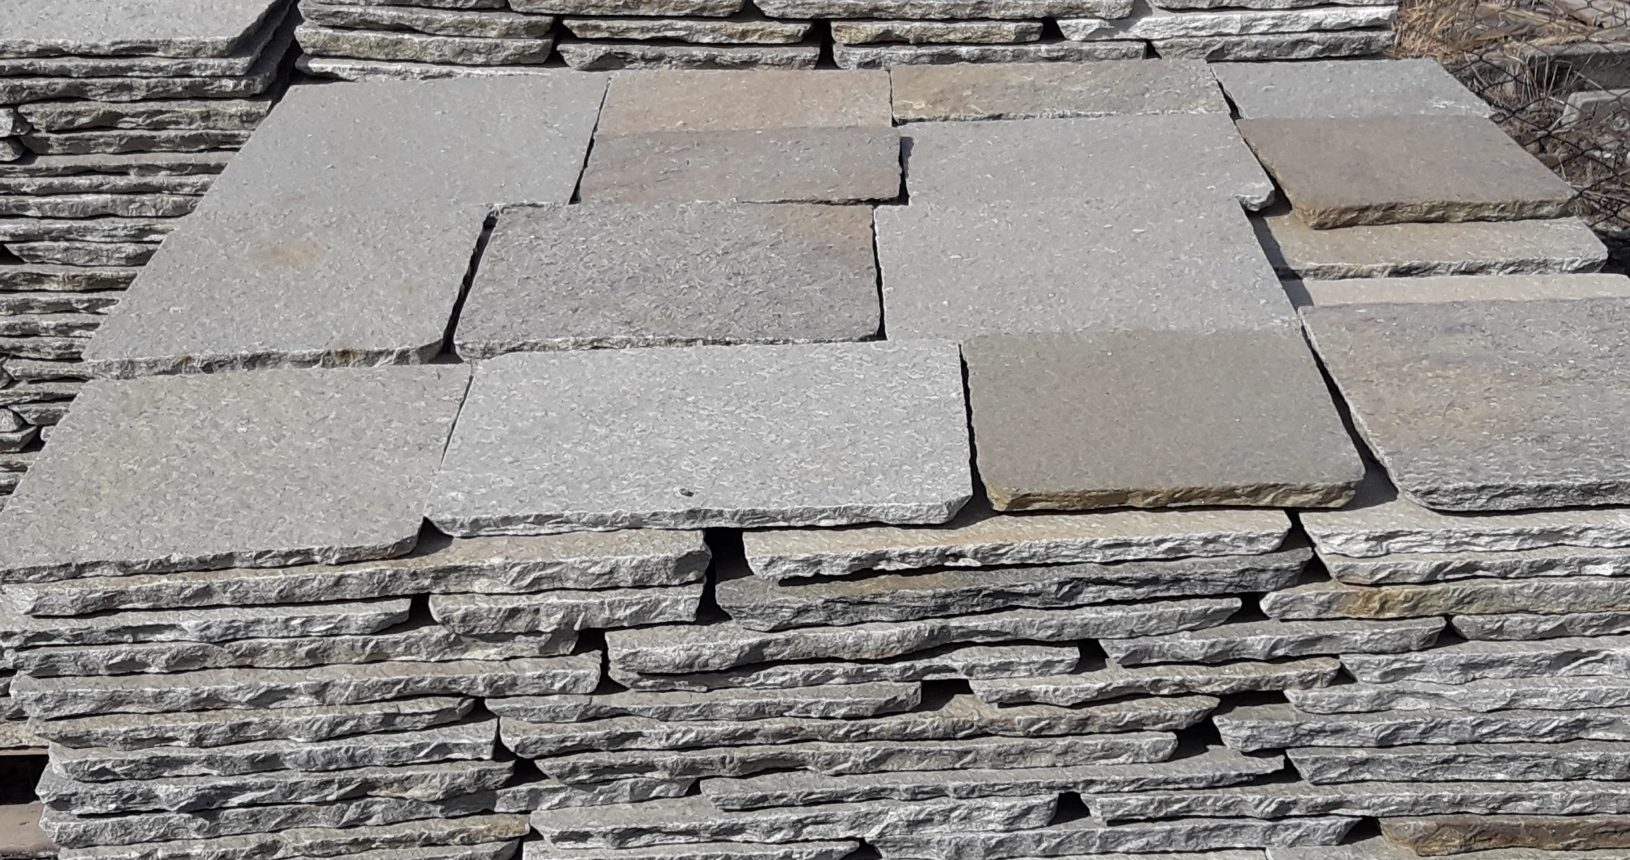 Il meglio della pietra di luserna per esterni e interni for Piastrelle finta pietra